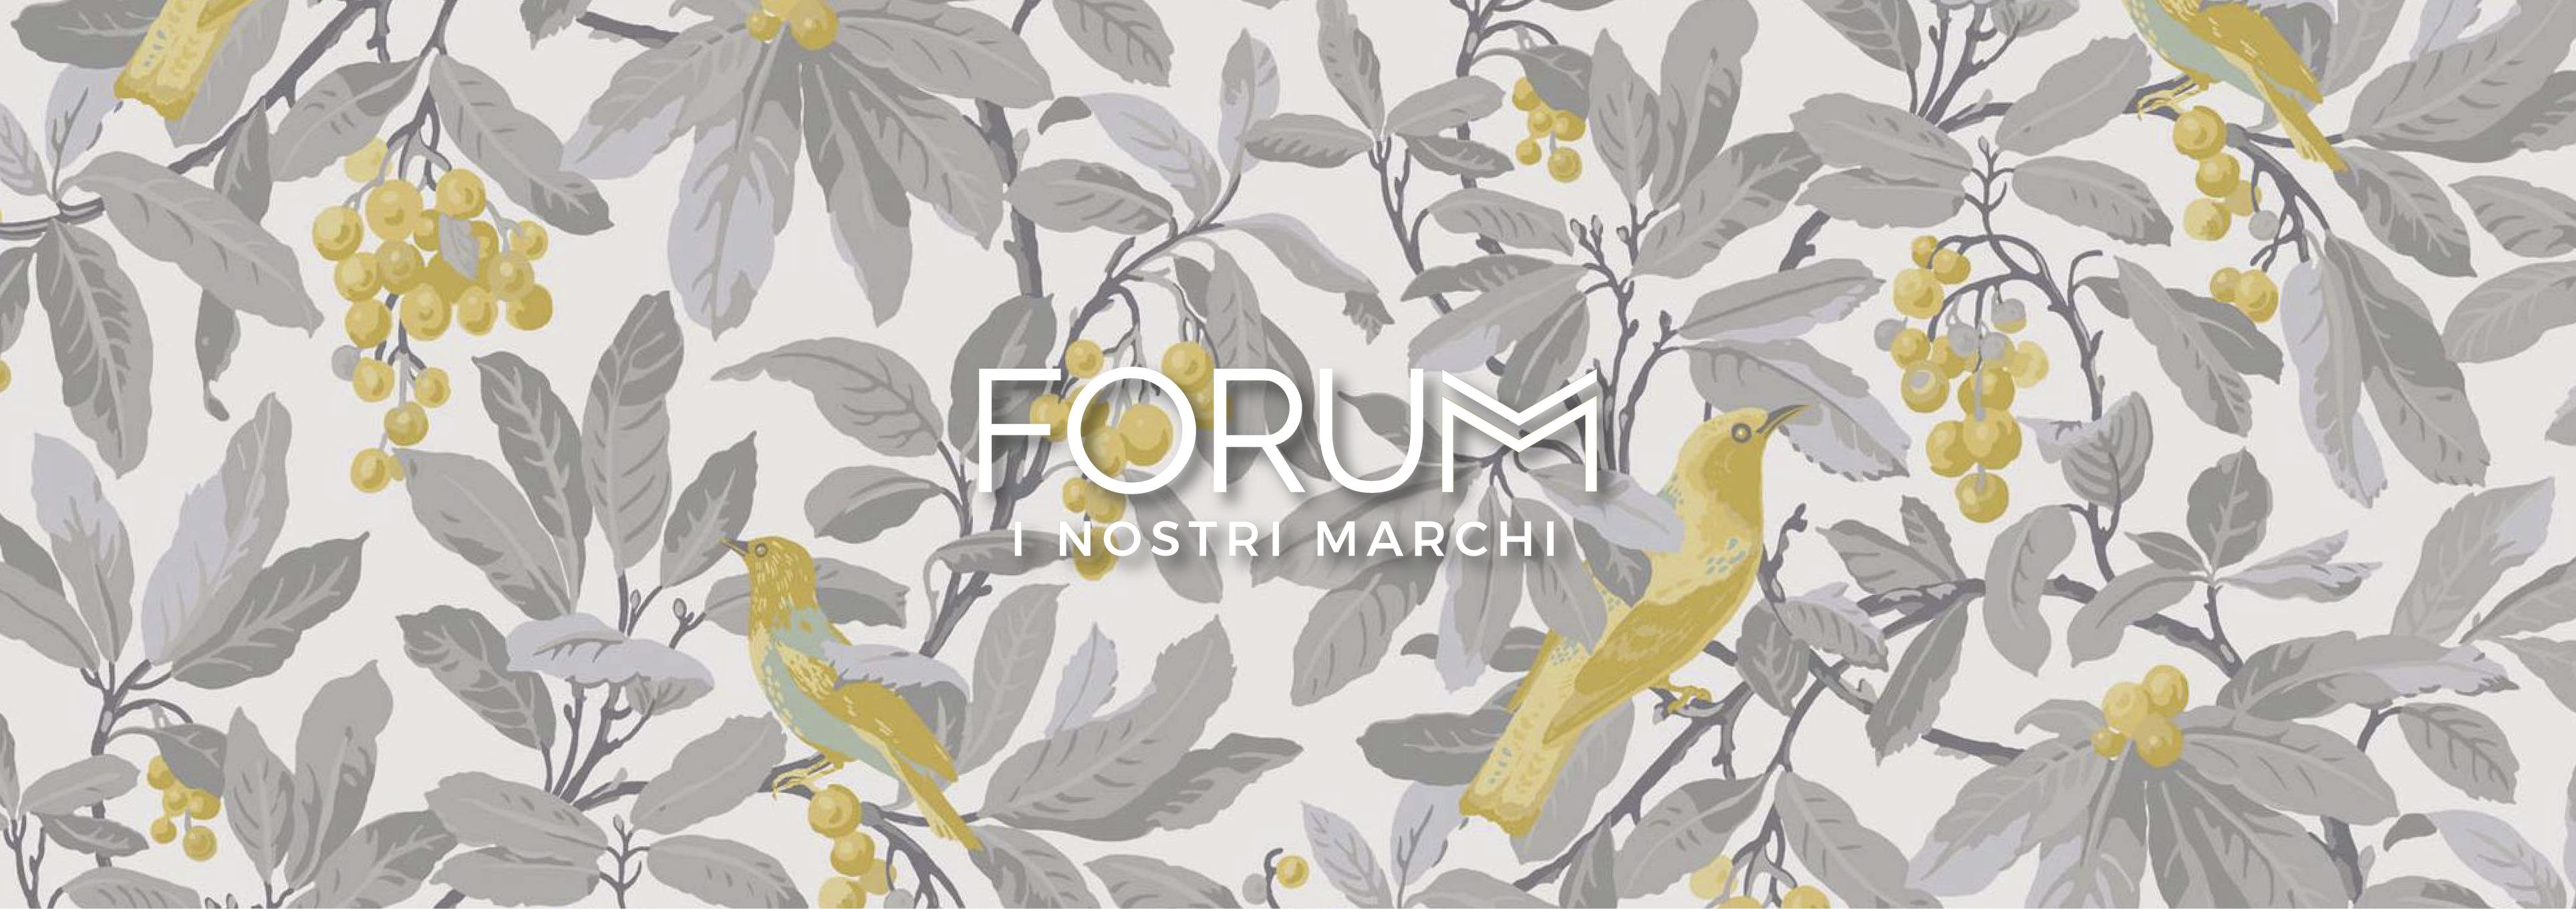 forum marchi